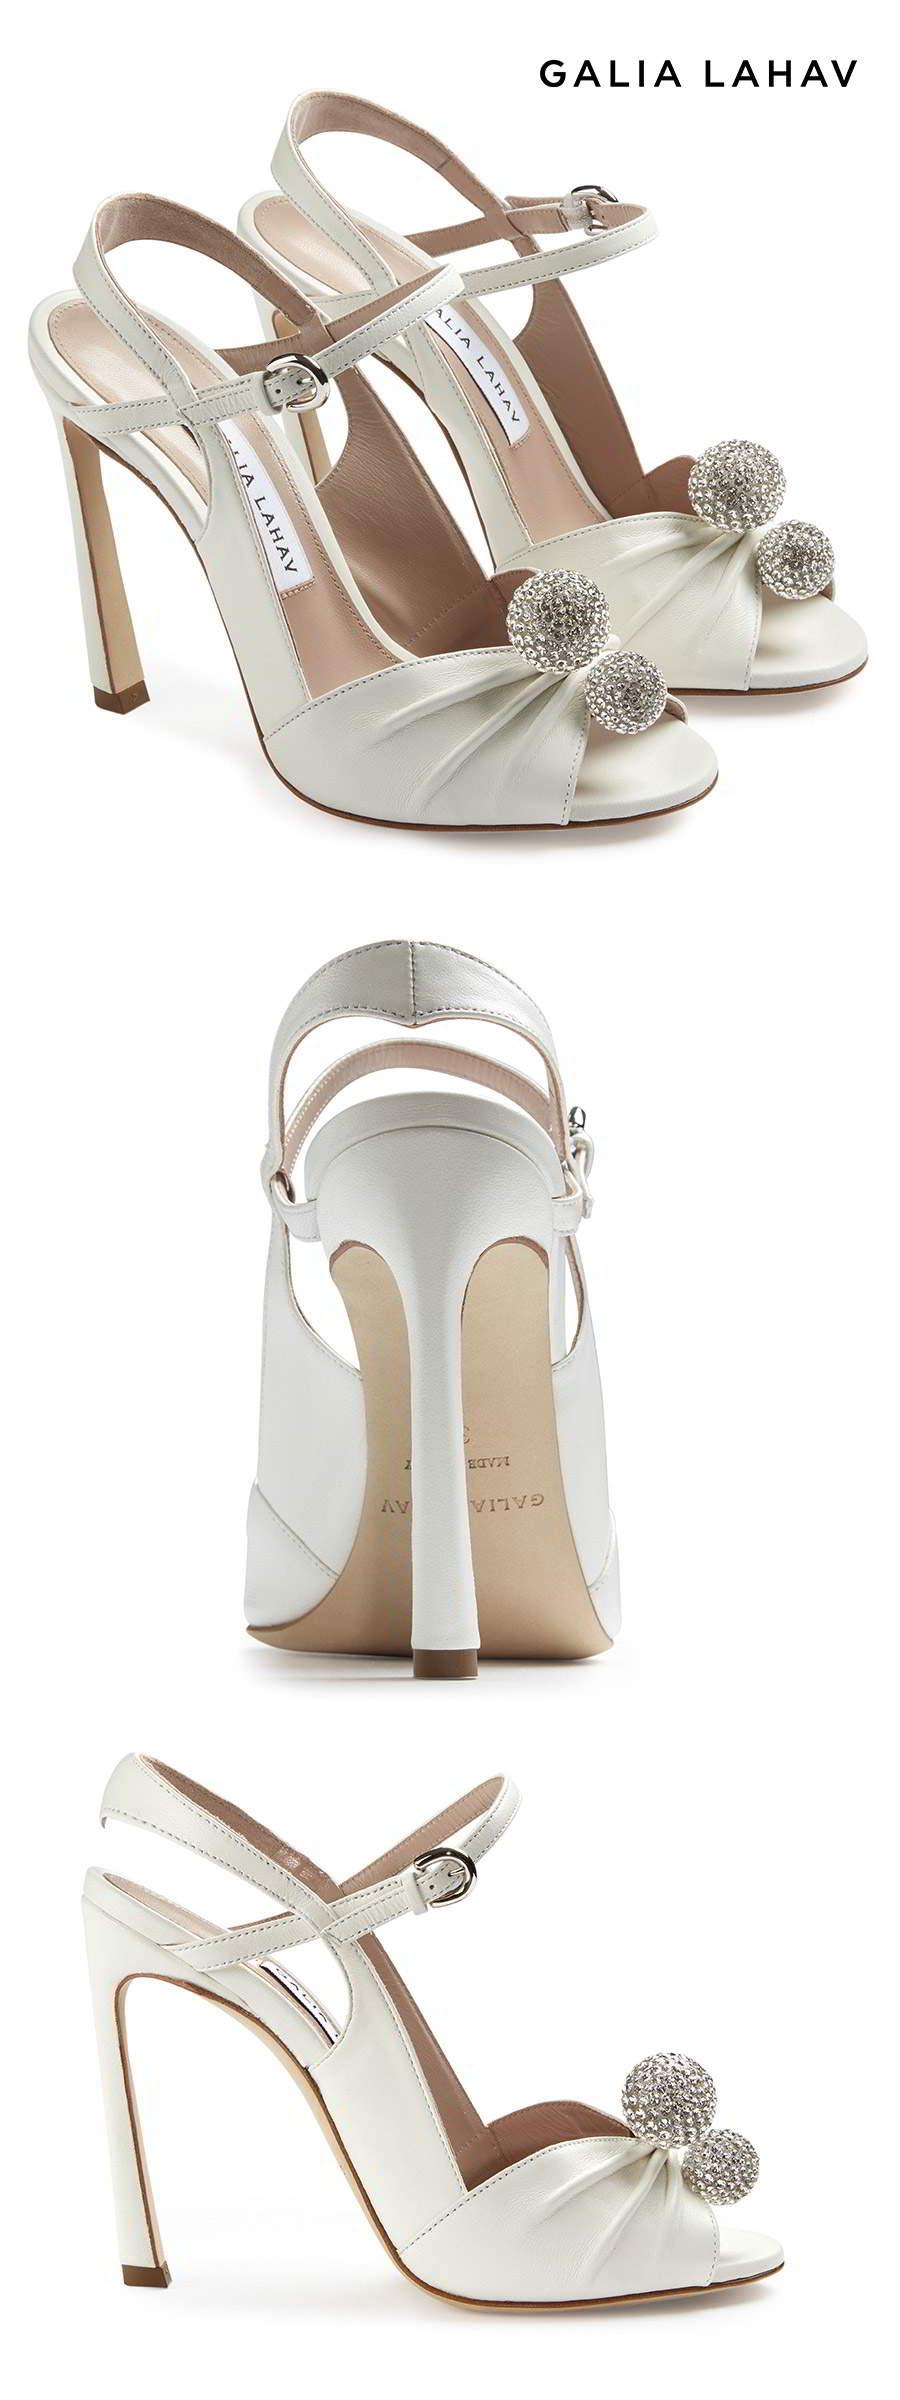 galia lahav shoes fall 2021 bridal strappy peep toe high heel wedding shoe (kate diamonte) mv